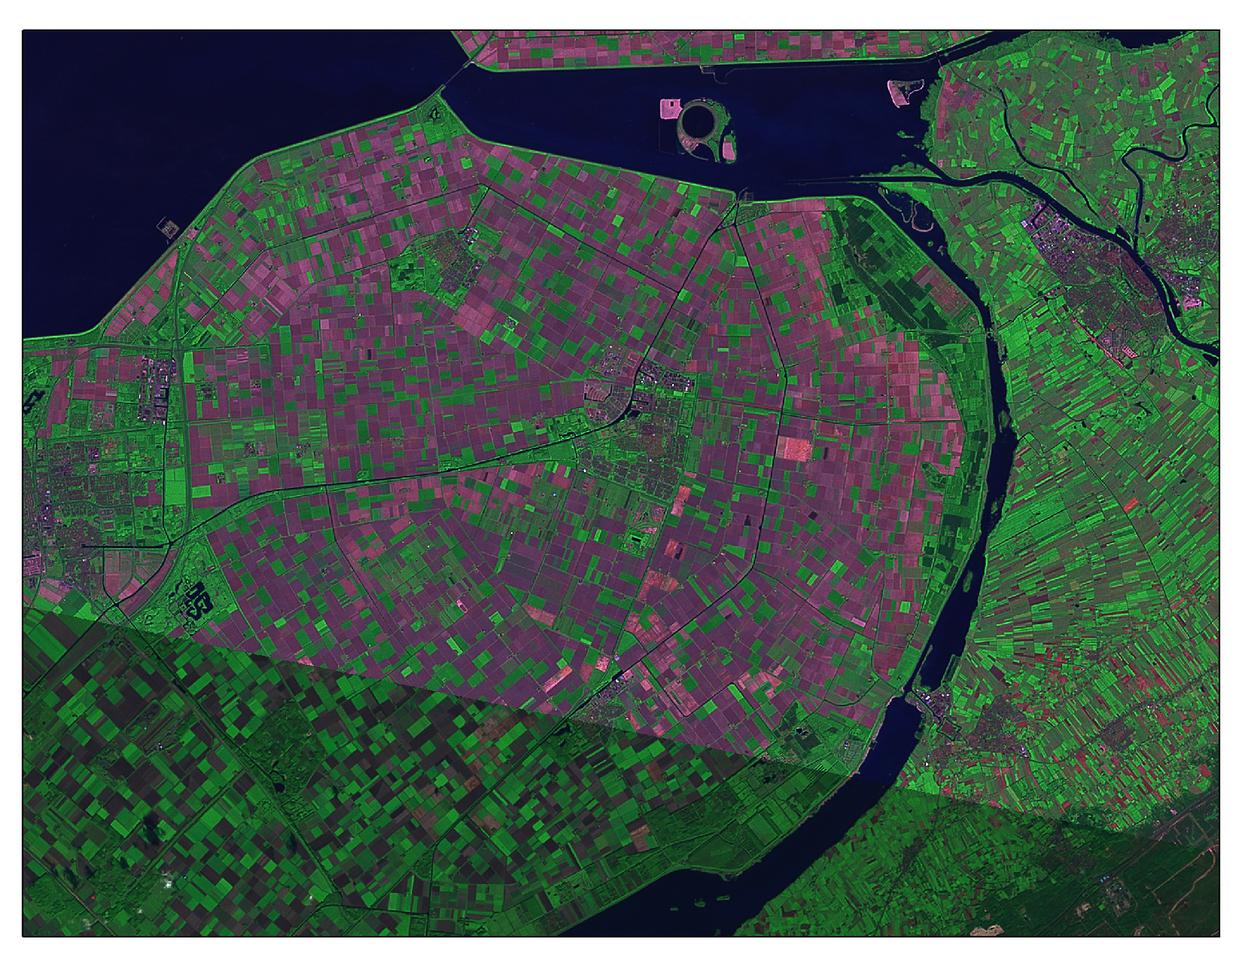 Landsat 7 Short Wave Infrared image of a Dutch Polder.